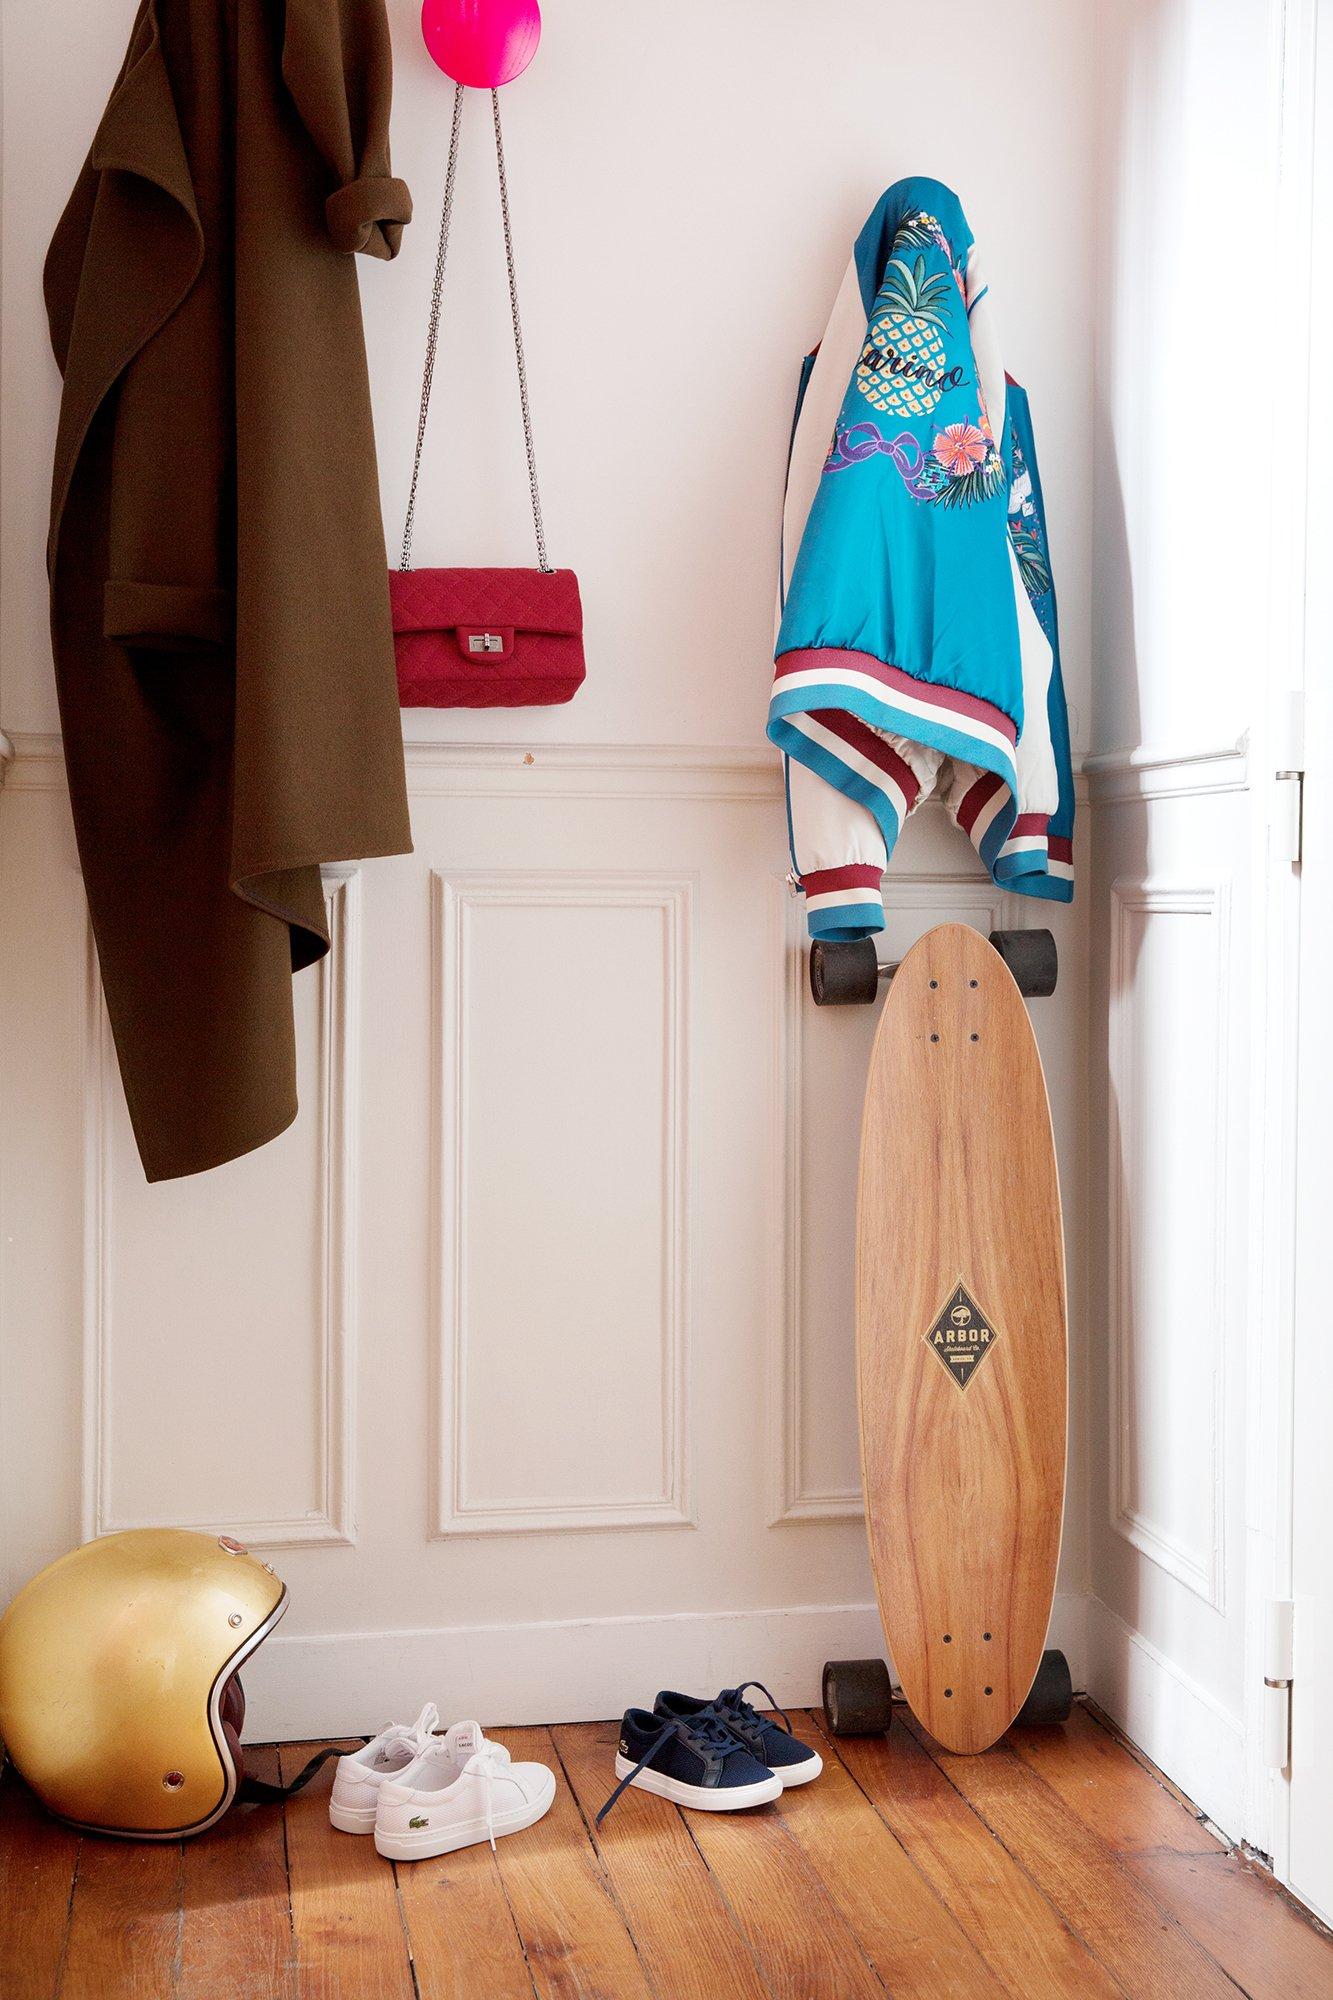 Entrée Appartement Duplex Longboard Paris Nayla Voillemot et Romain